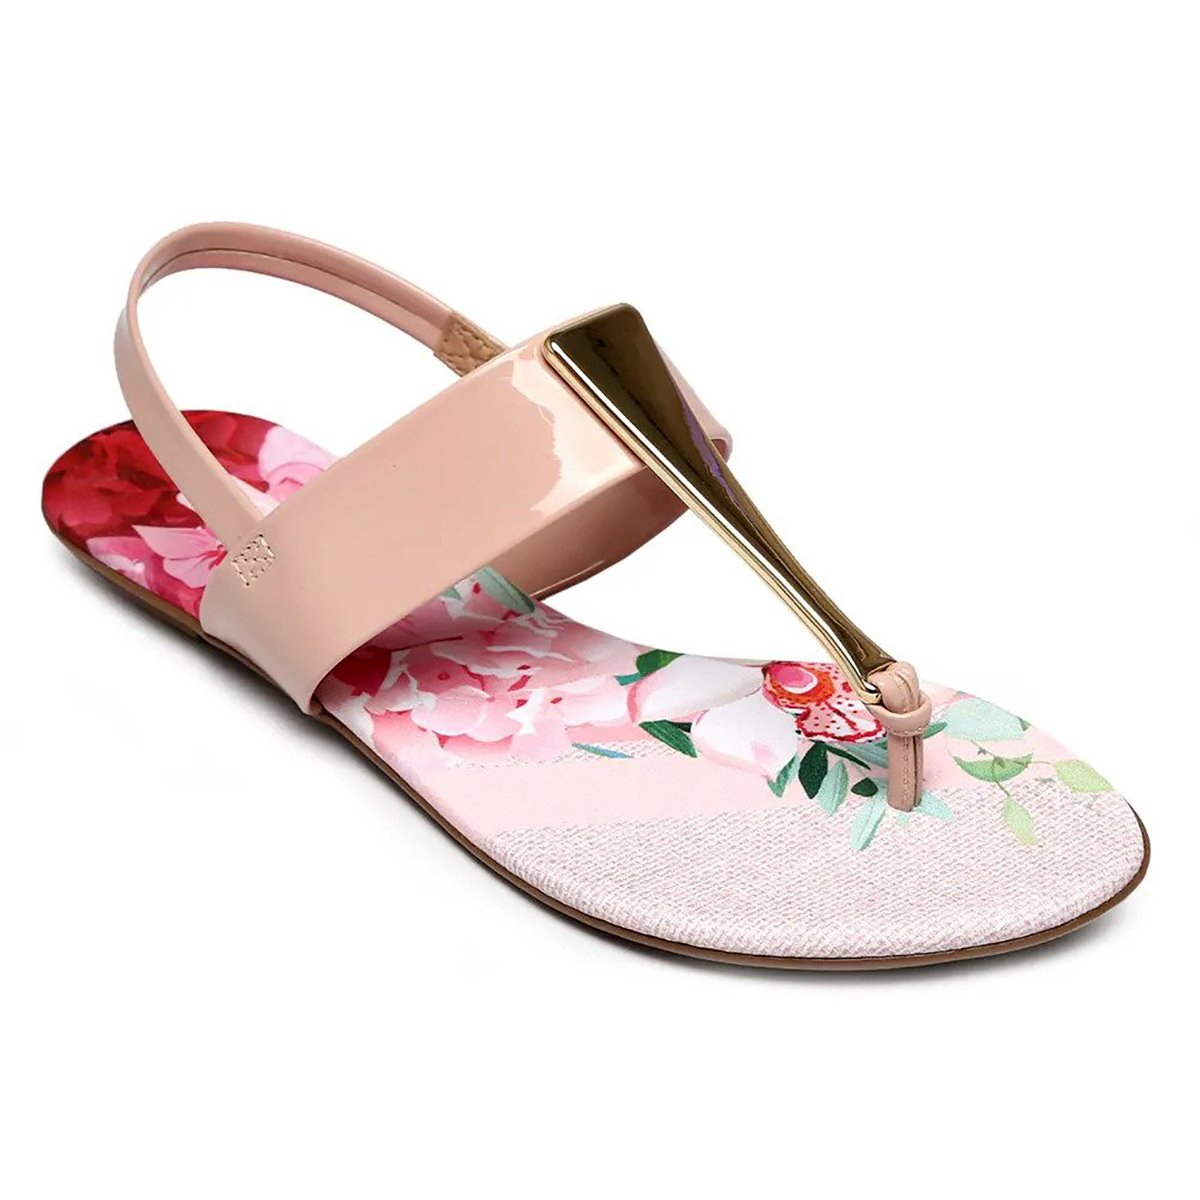 a175883b8 Rasteira Beira Rio Tecido Floral Metal Glamour Rosa - Compre Agora ...